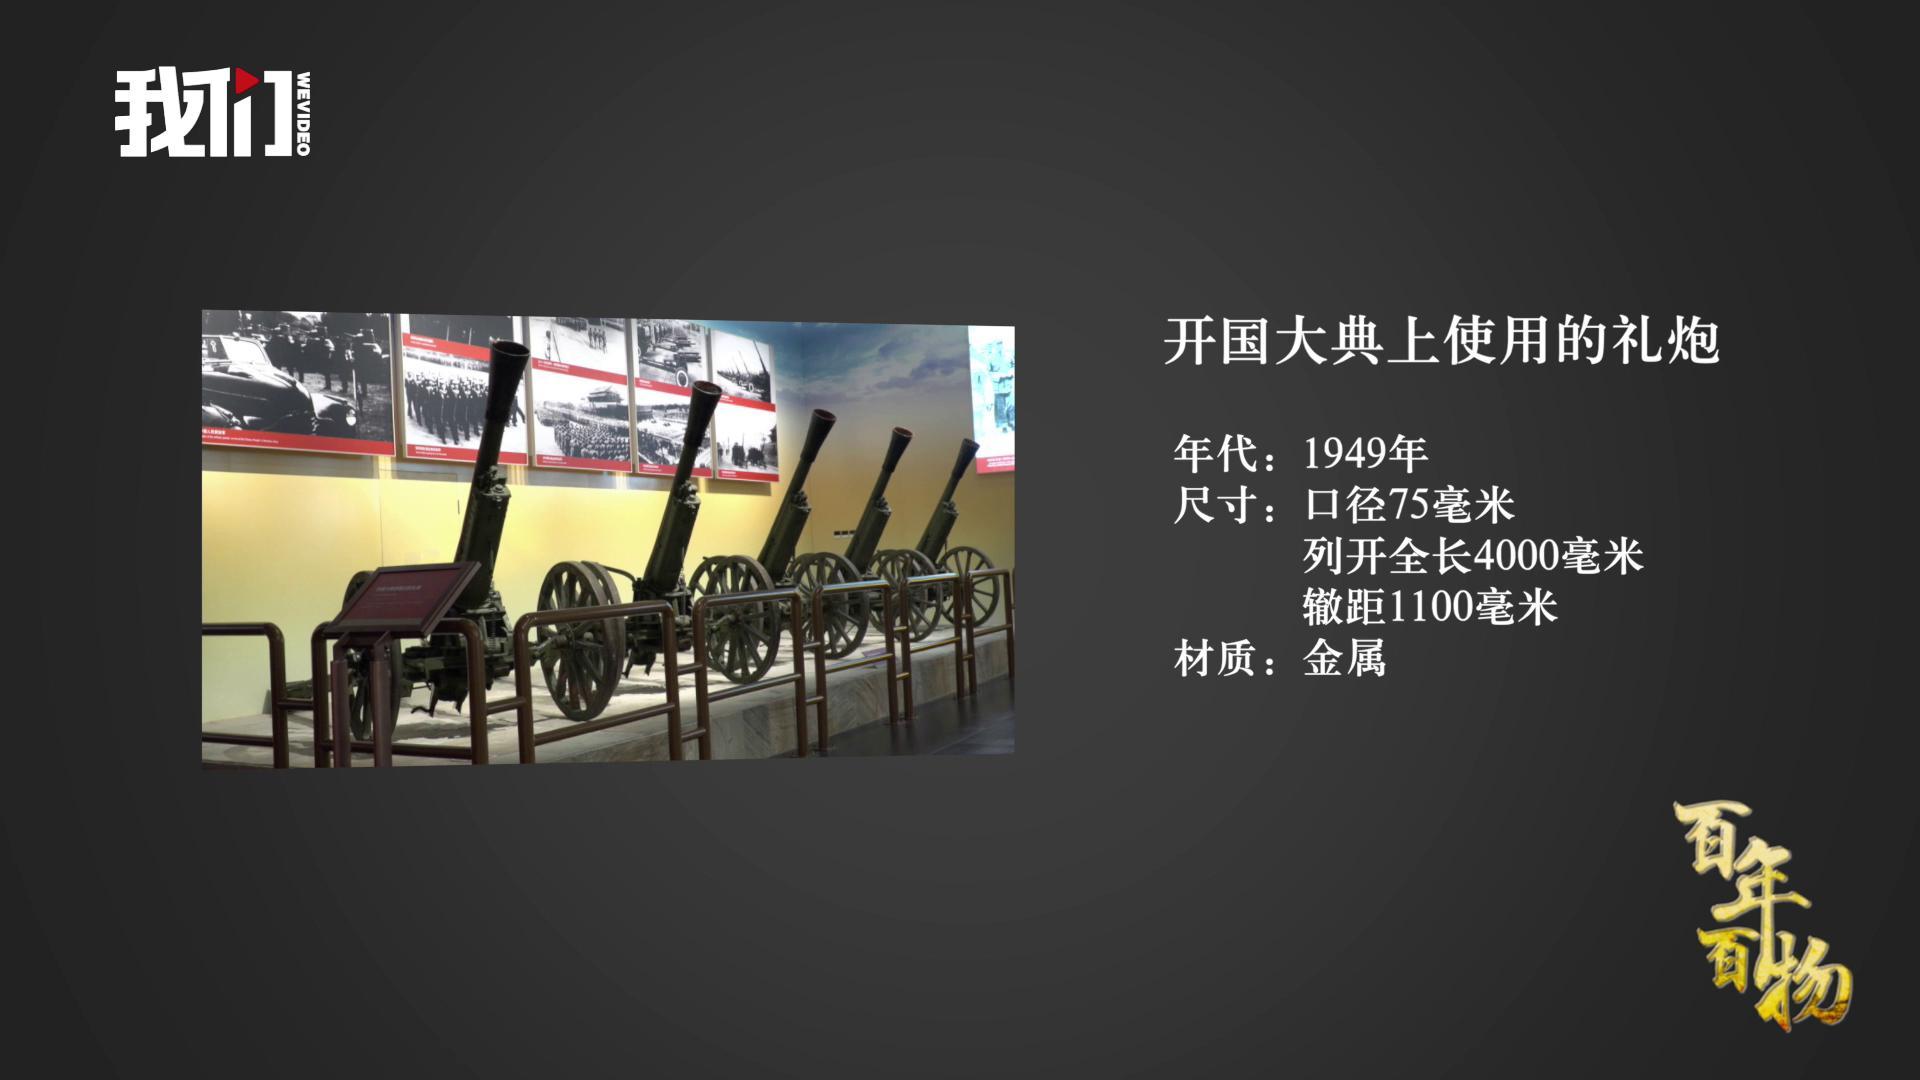 百年百物丨 开国大典54门礼炮鸣28响:两个数字背后别有深意